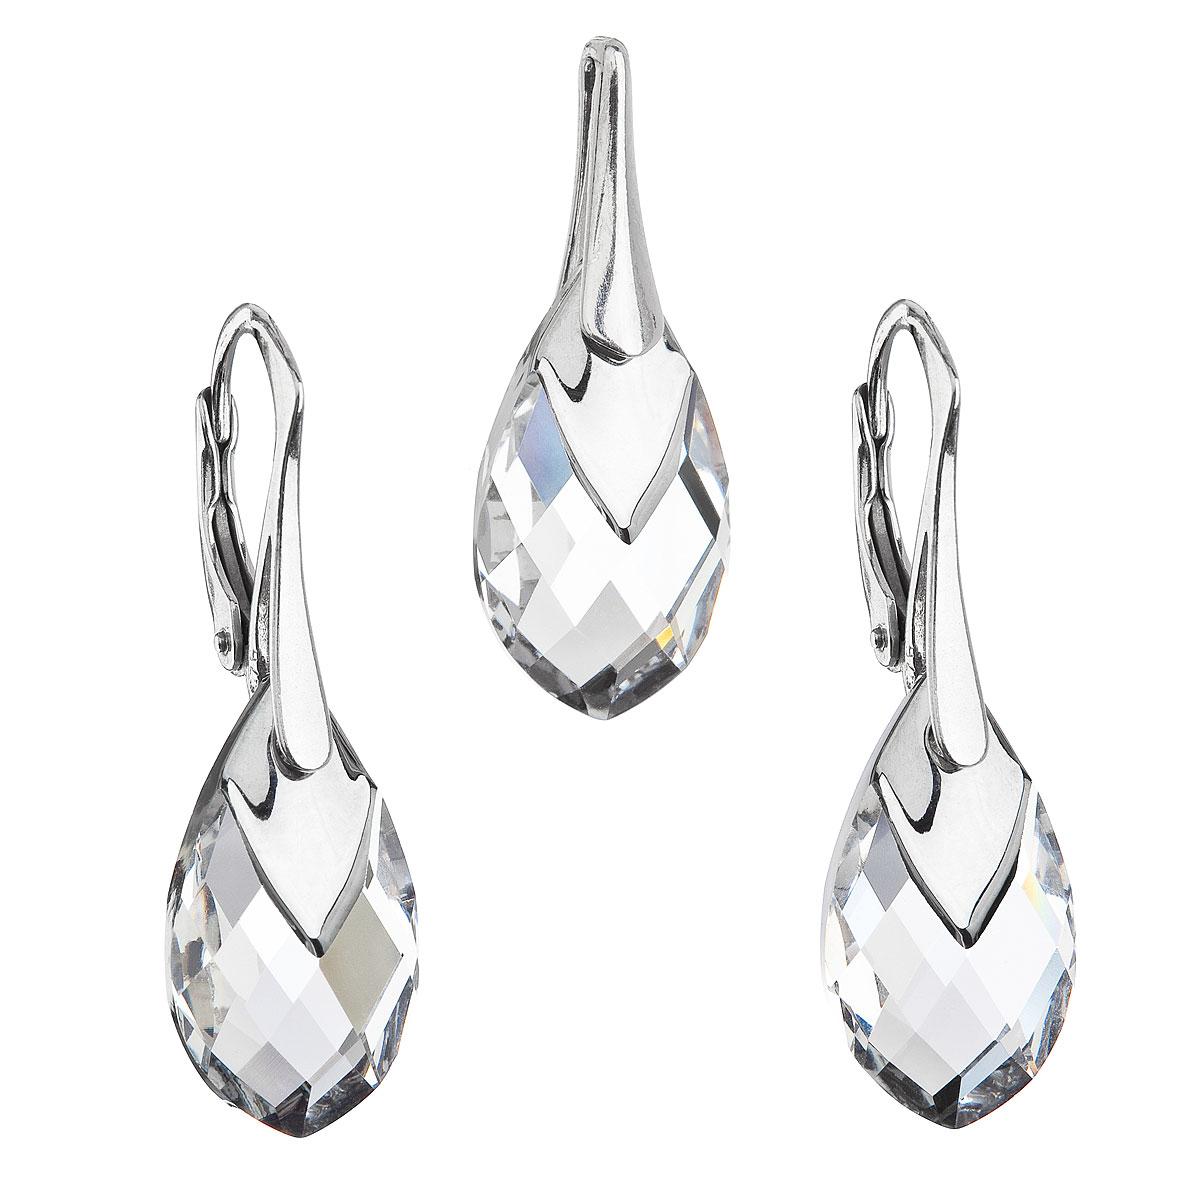 Sada šperkov s krištálmi Swarovski náušnice a prívesok striebrosivá slza 39169.4